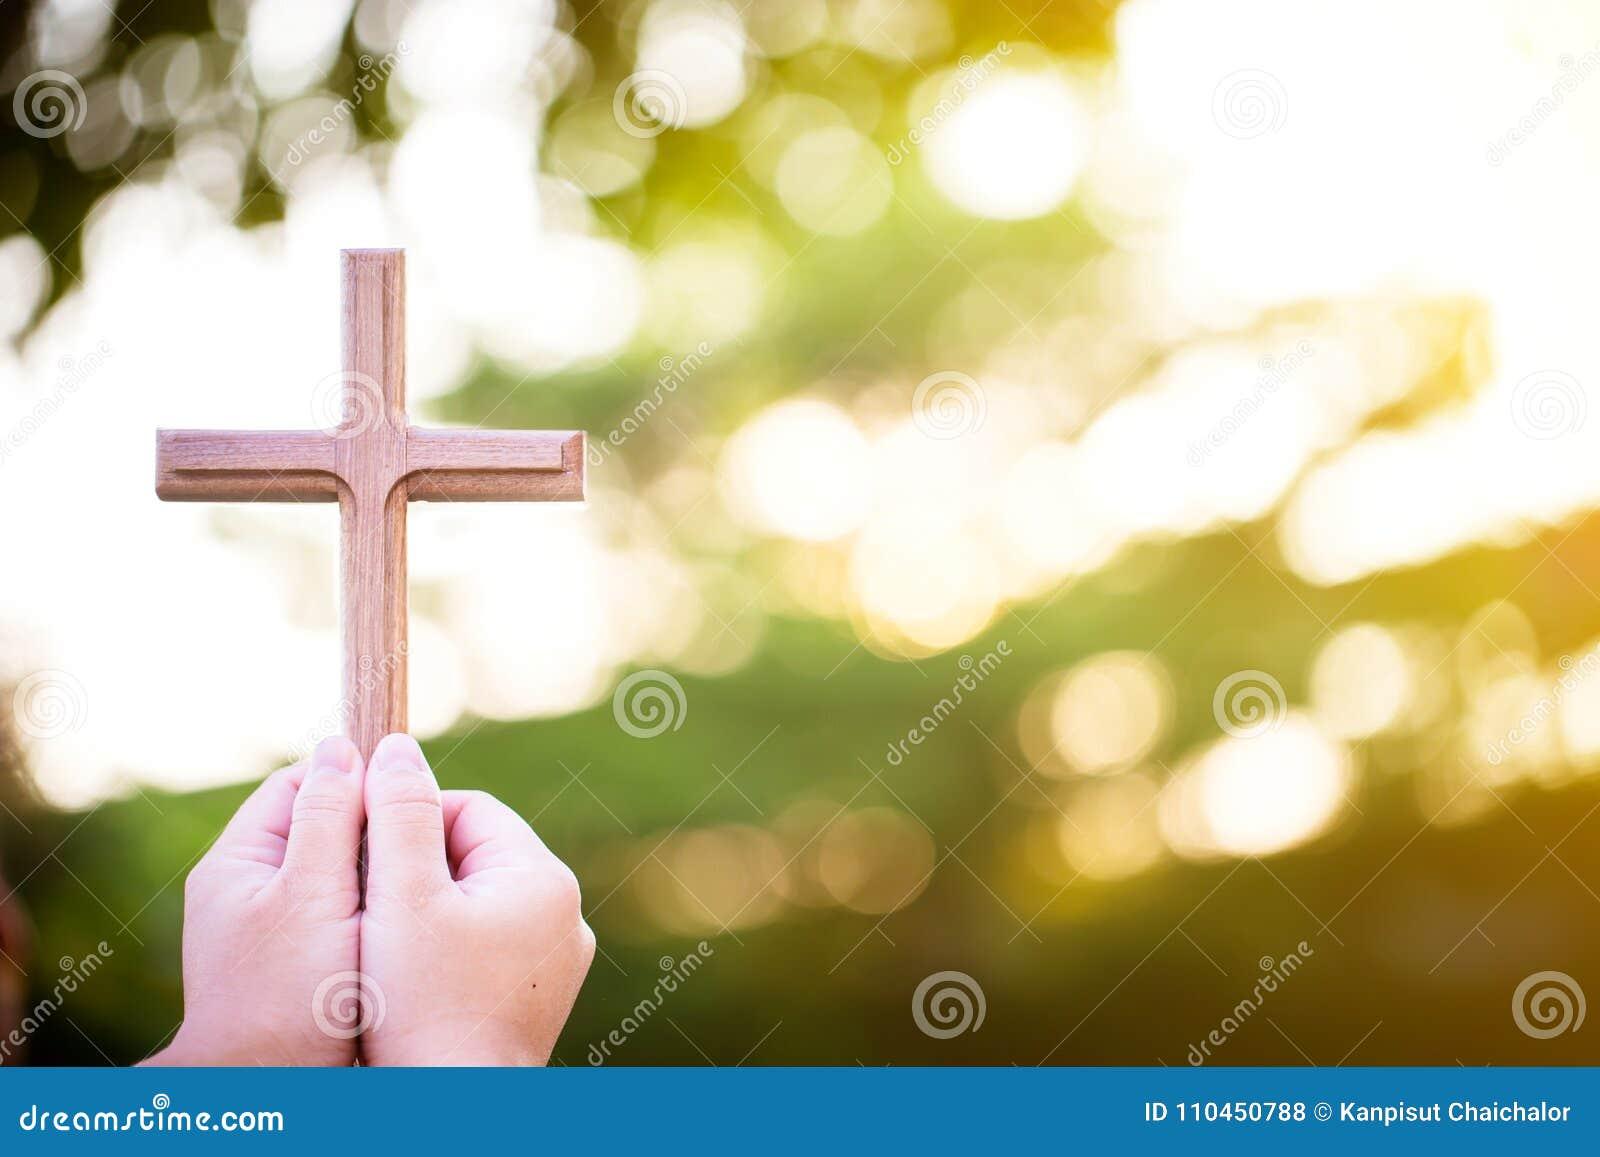 De handen van de persoonspalm om heilig kruis, kruisbeeld te houden om te aanbidden